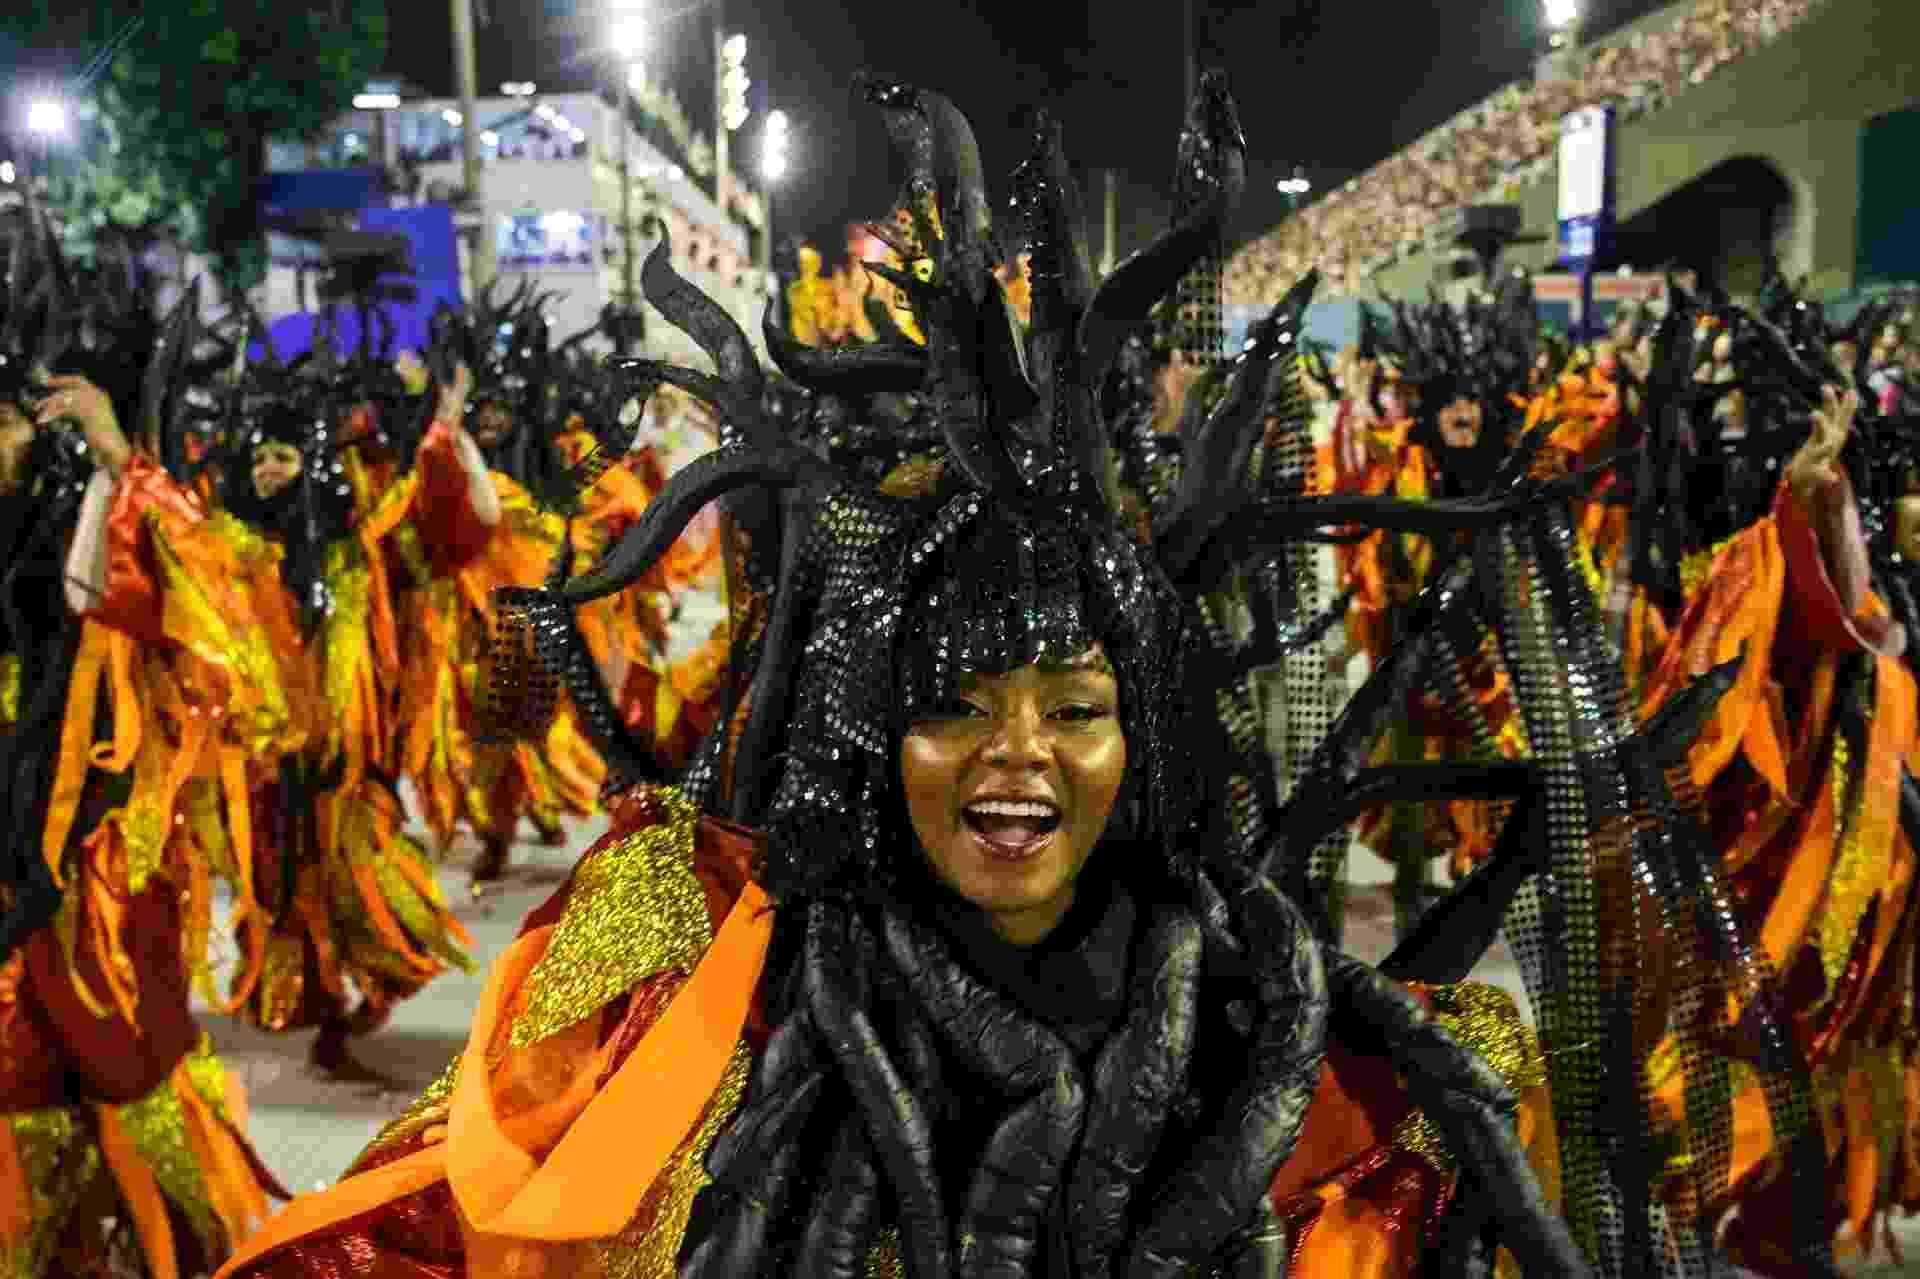 Fantasias com cores neon também marcaram presença no desfile da Estácio - Luciola Vilella/UOL